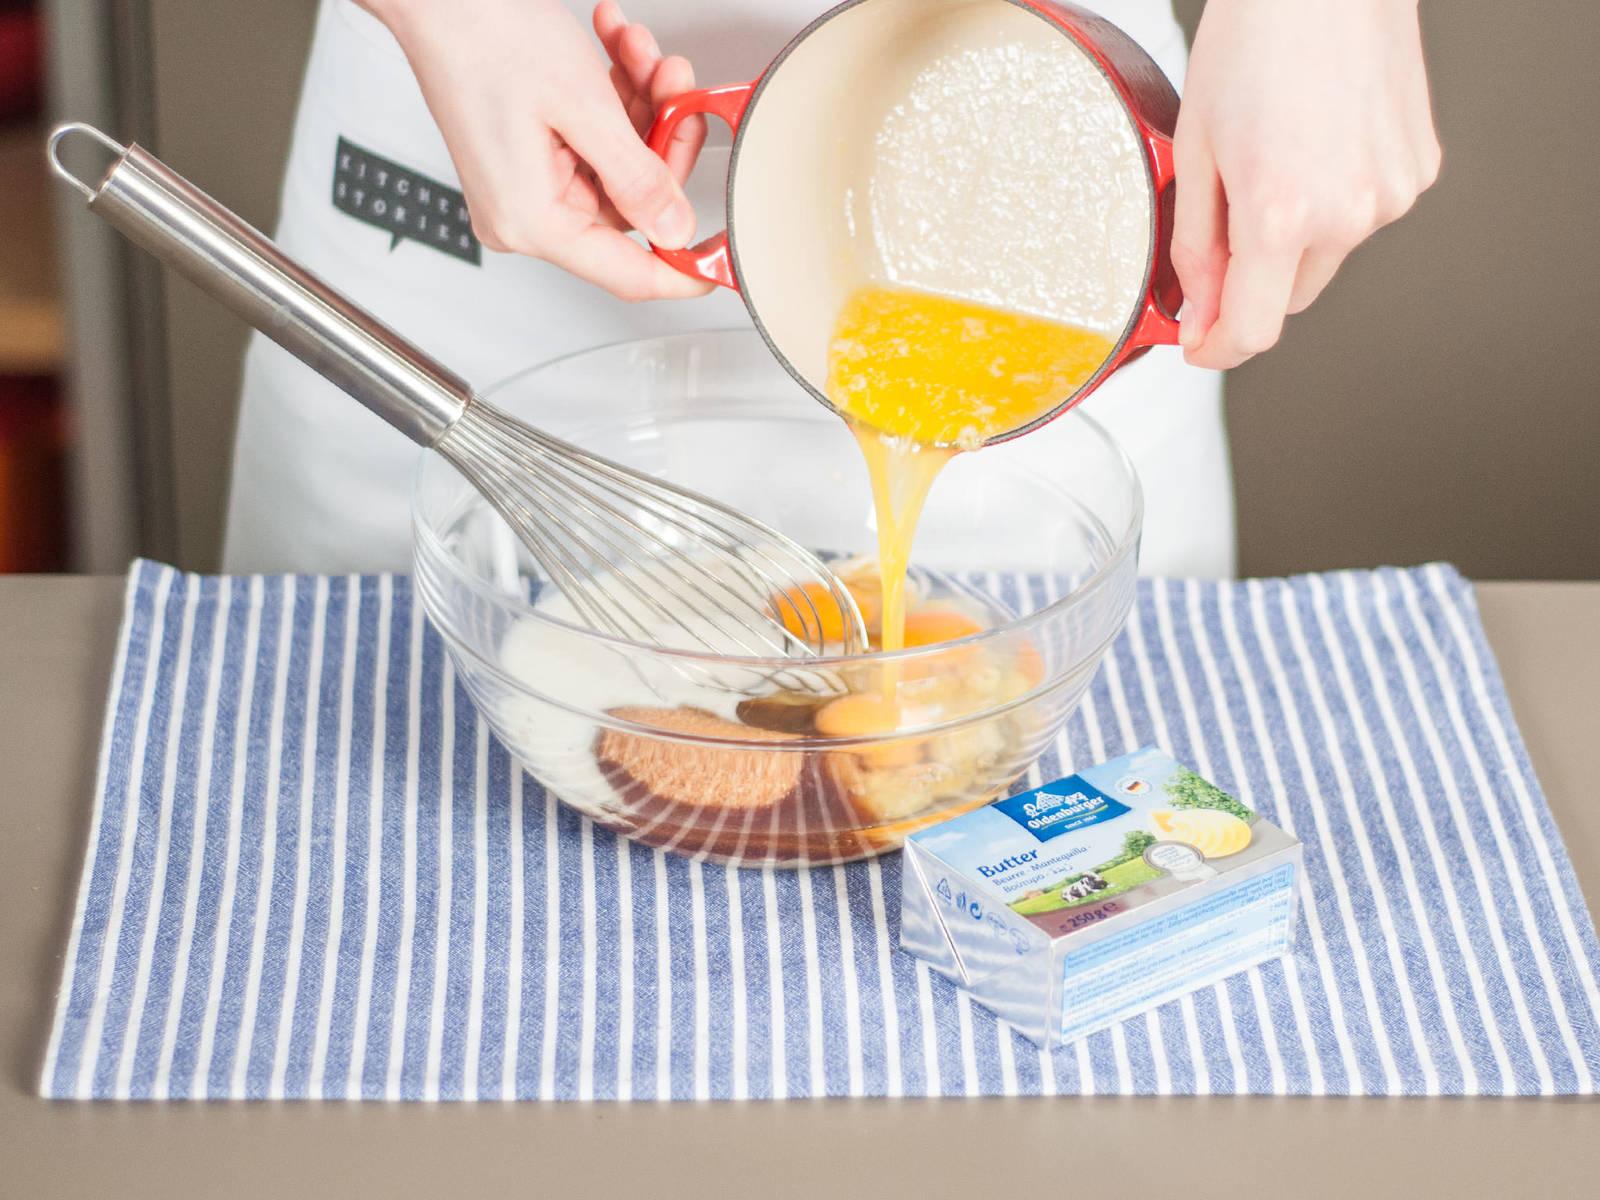 向碗中加入鸡蛋、红糖、酪乳和融化的黄油,搅拌均匀。